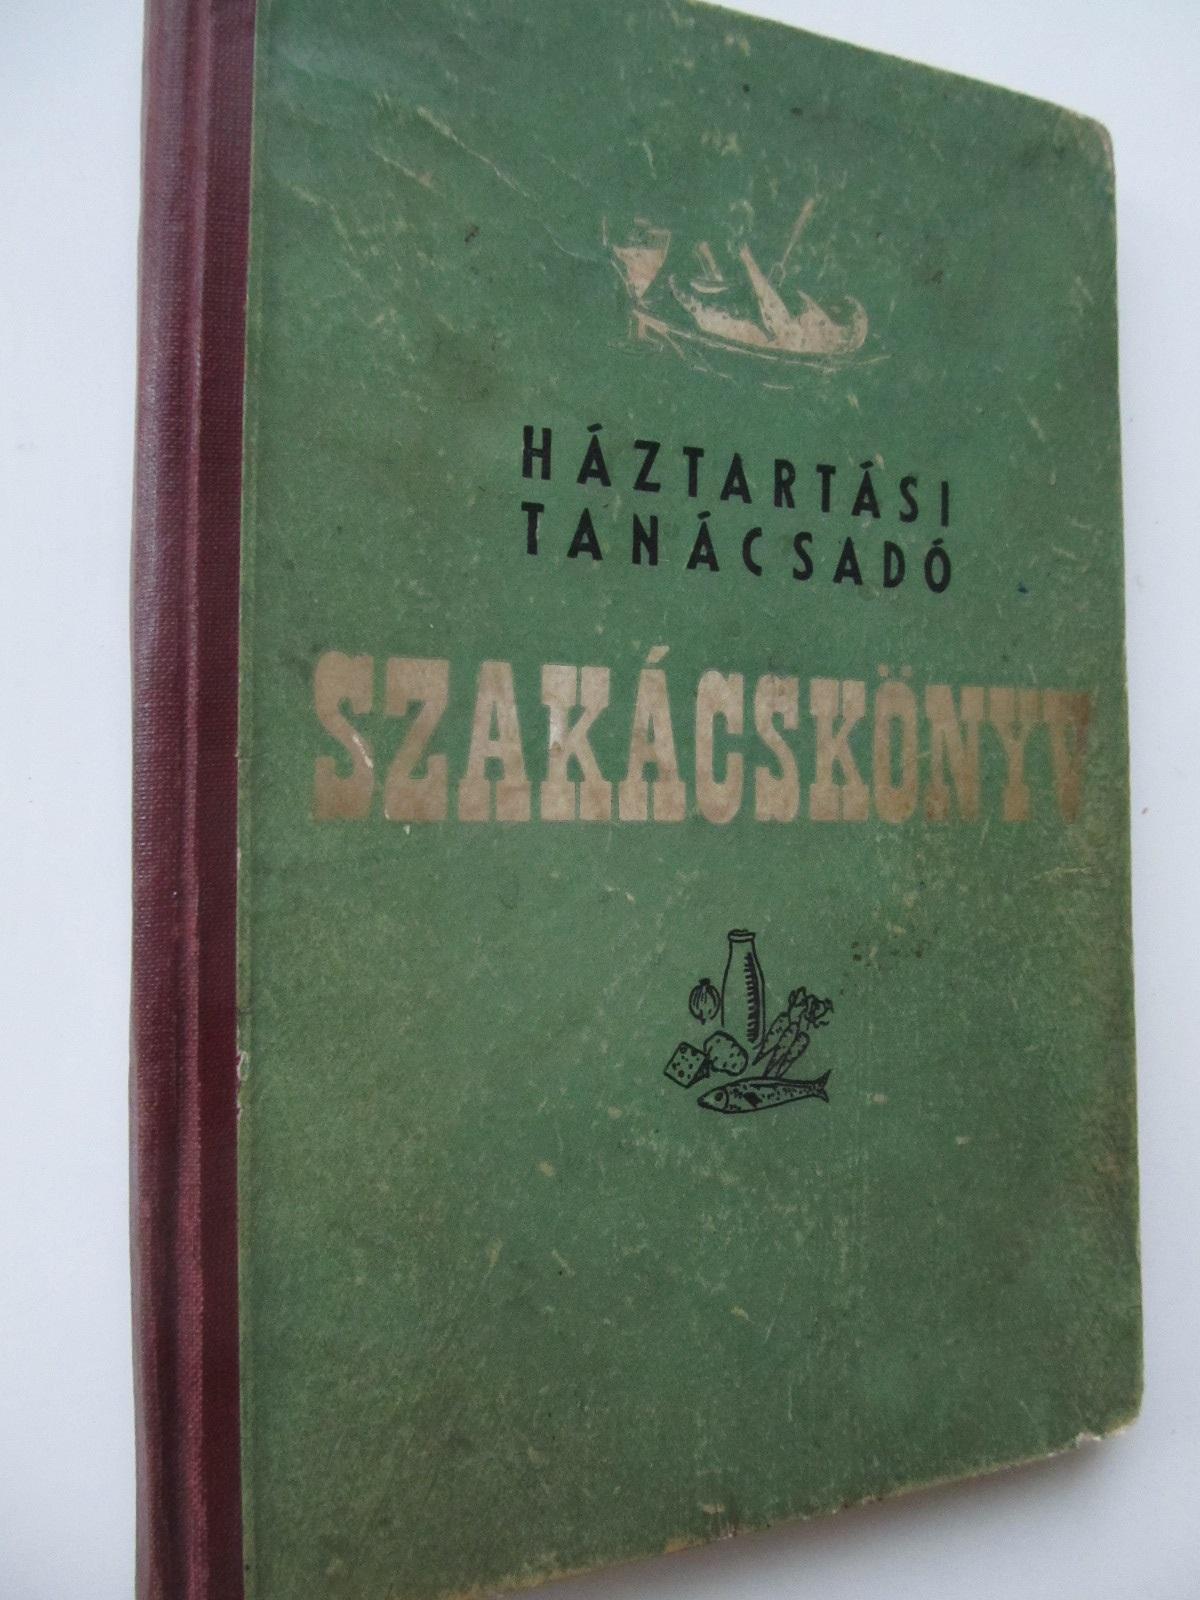 Szakacskonyv , 1955 - Horvath Ilona | Detalii carte